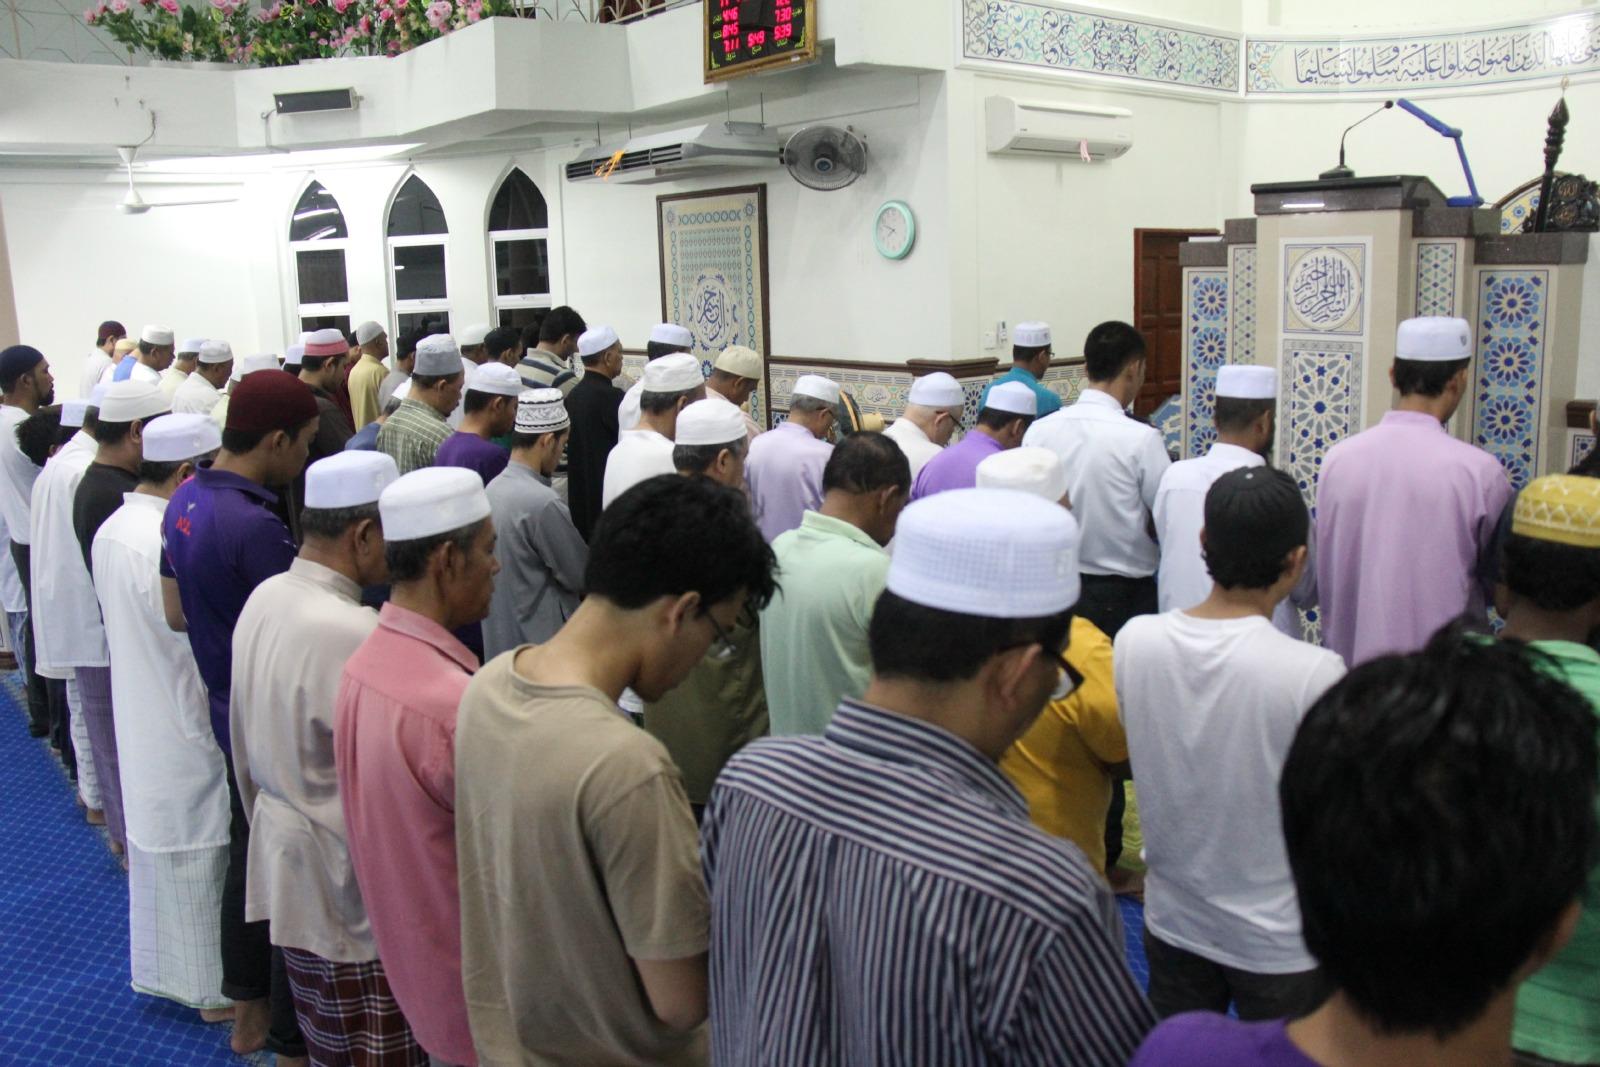 Tidur ketika sholat, Batal Atau Tidak bimbingan islam